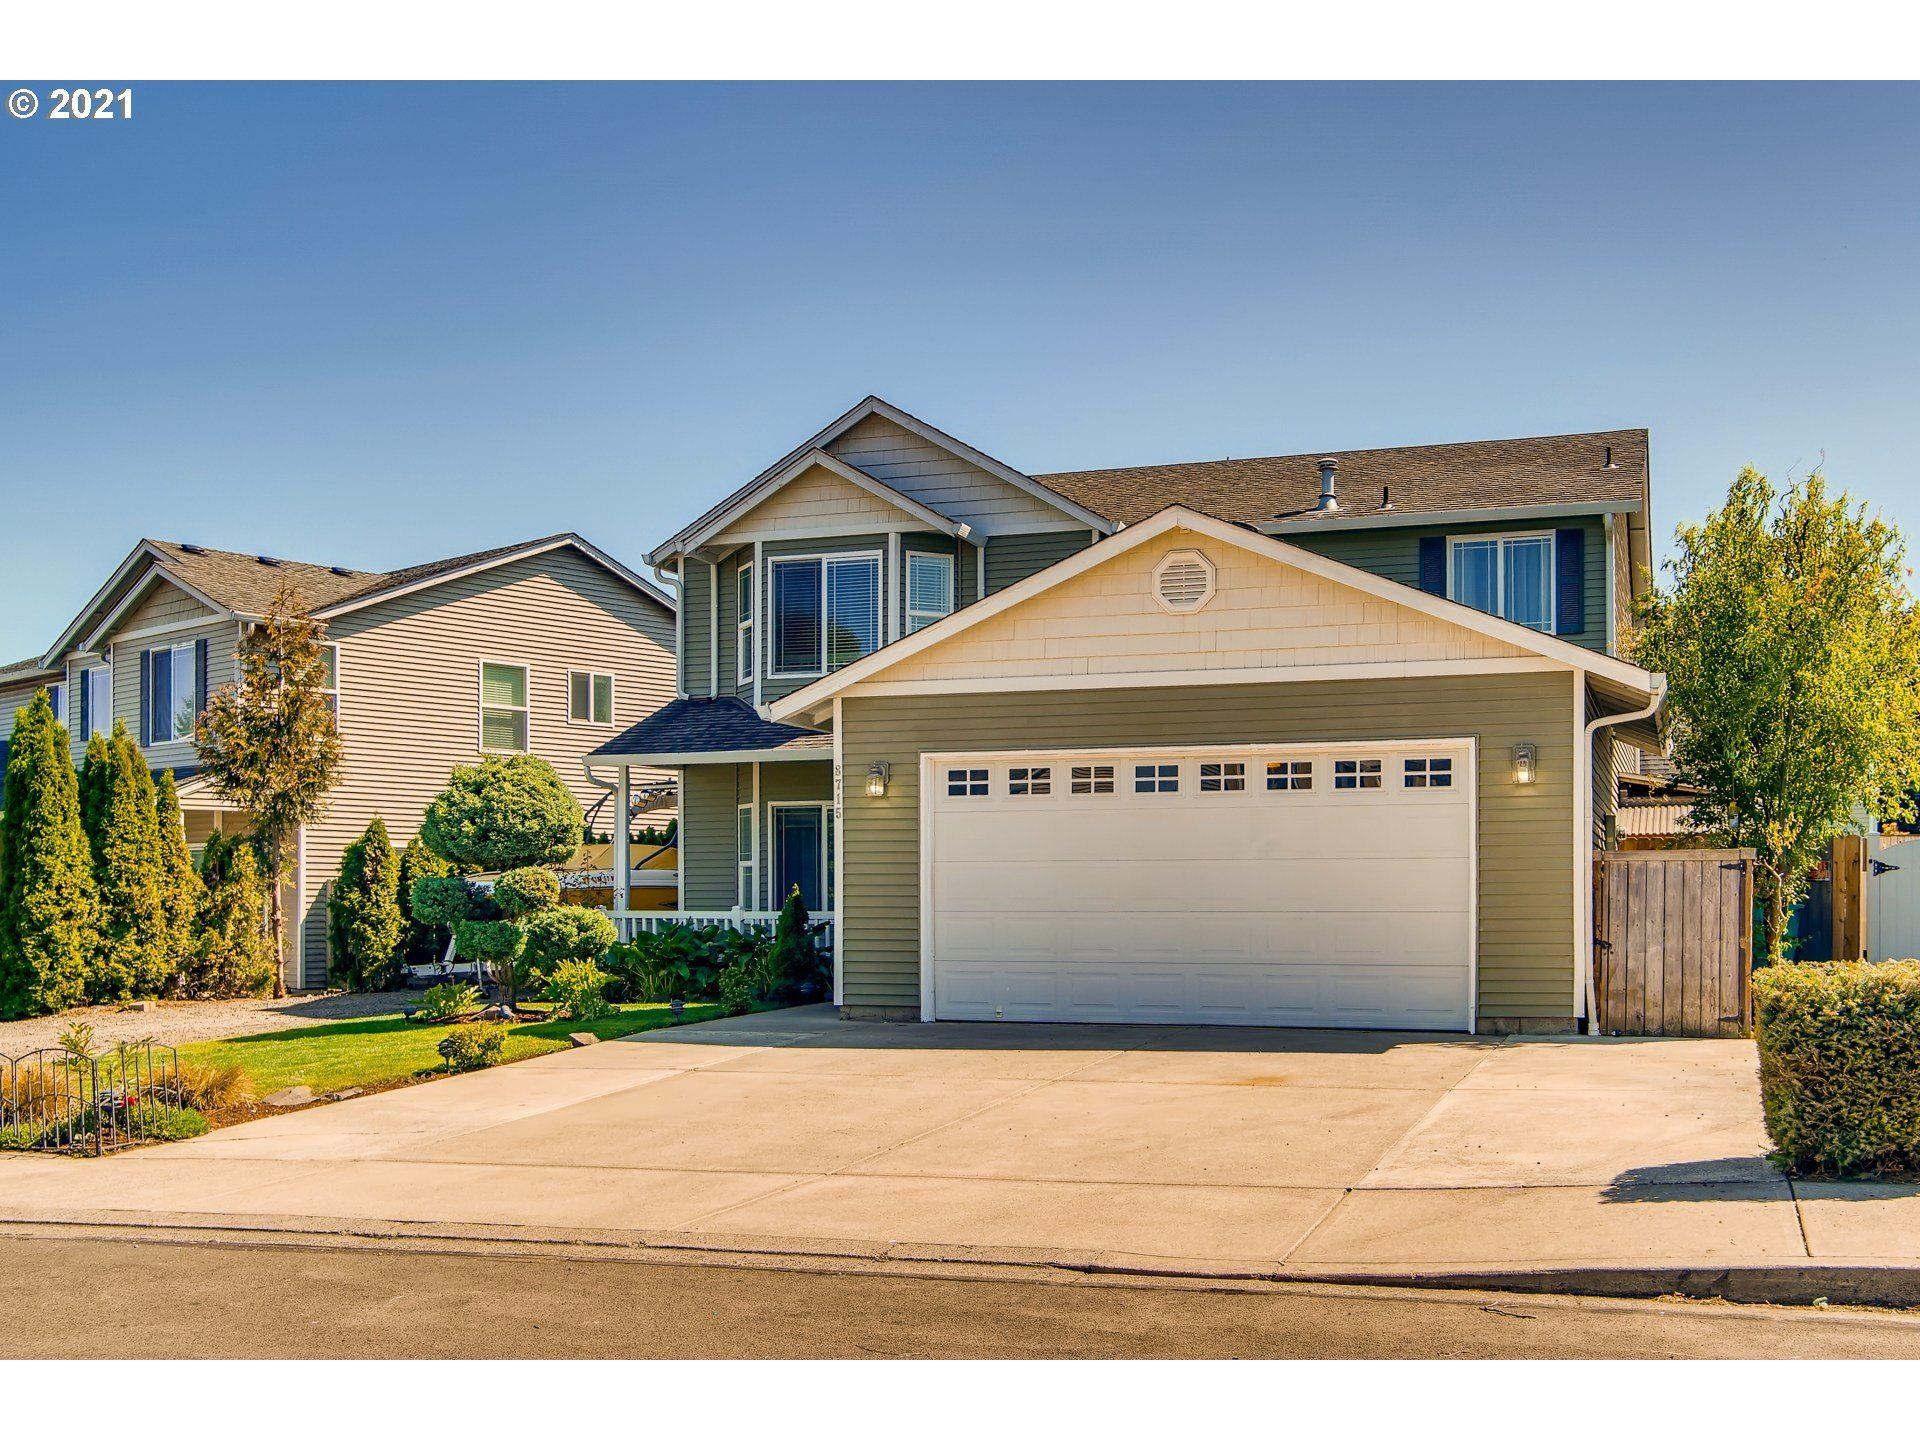 8715 NE 86TH ST, Vancouver, WA 98662 - MLS#: 21334280